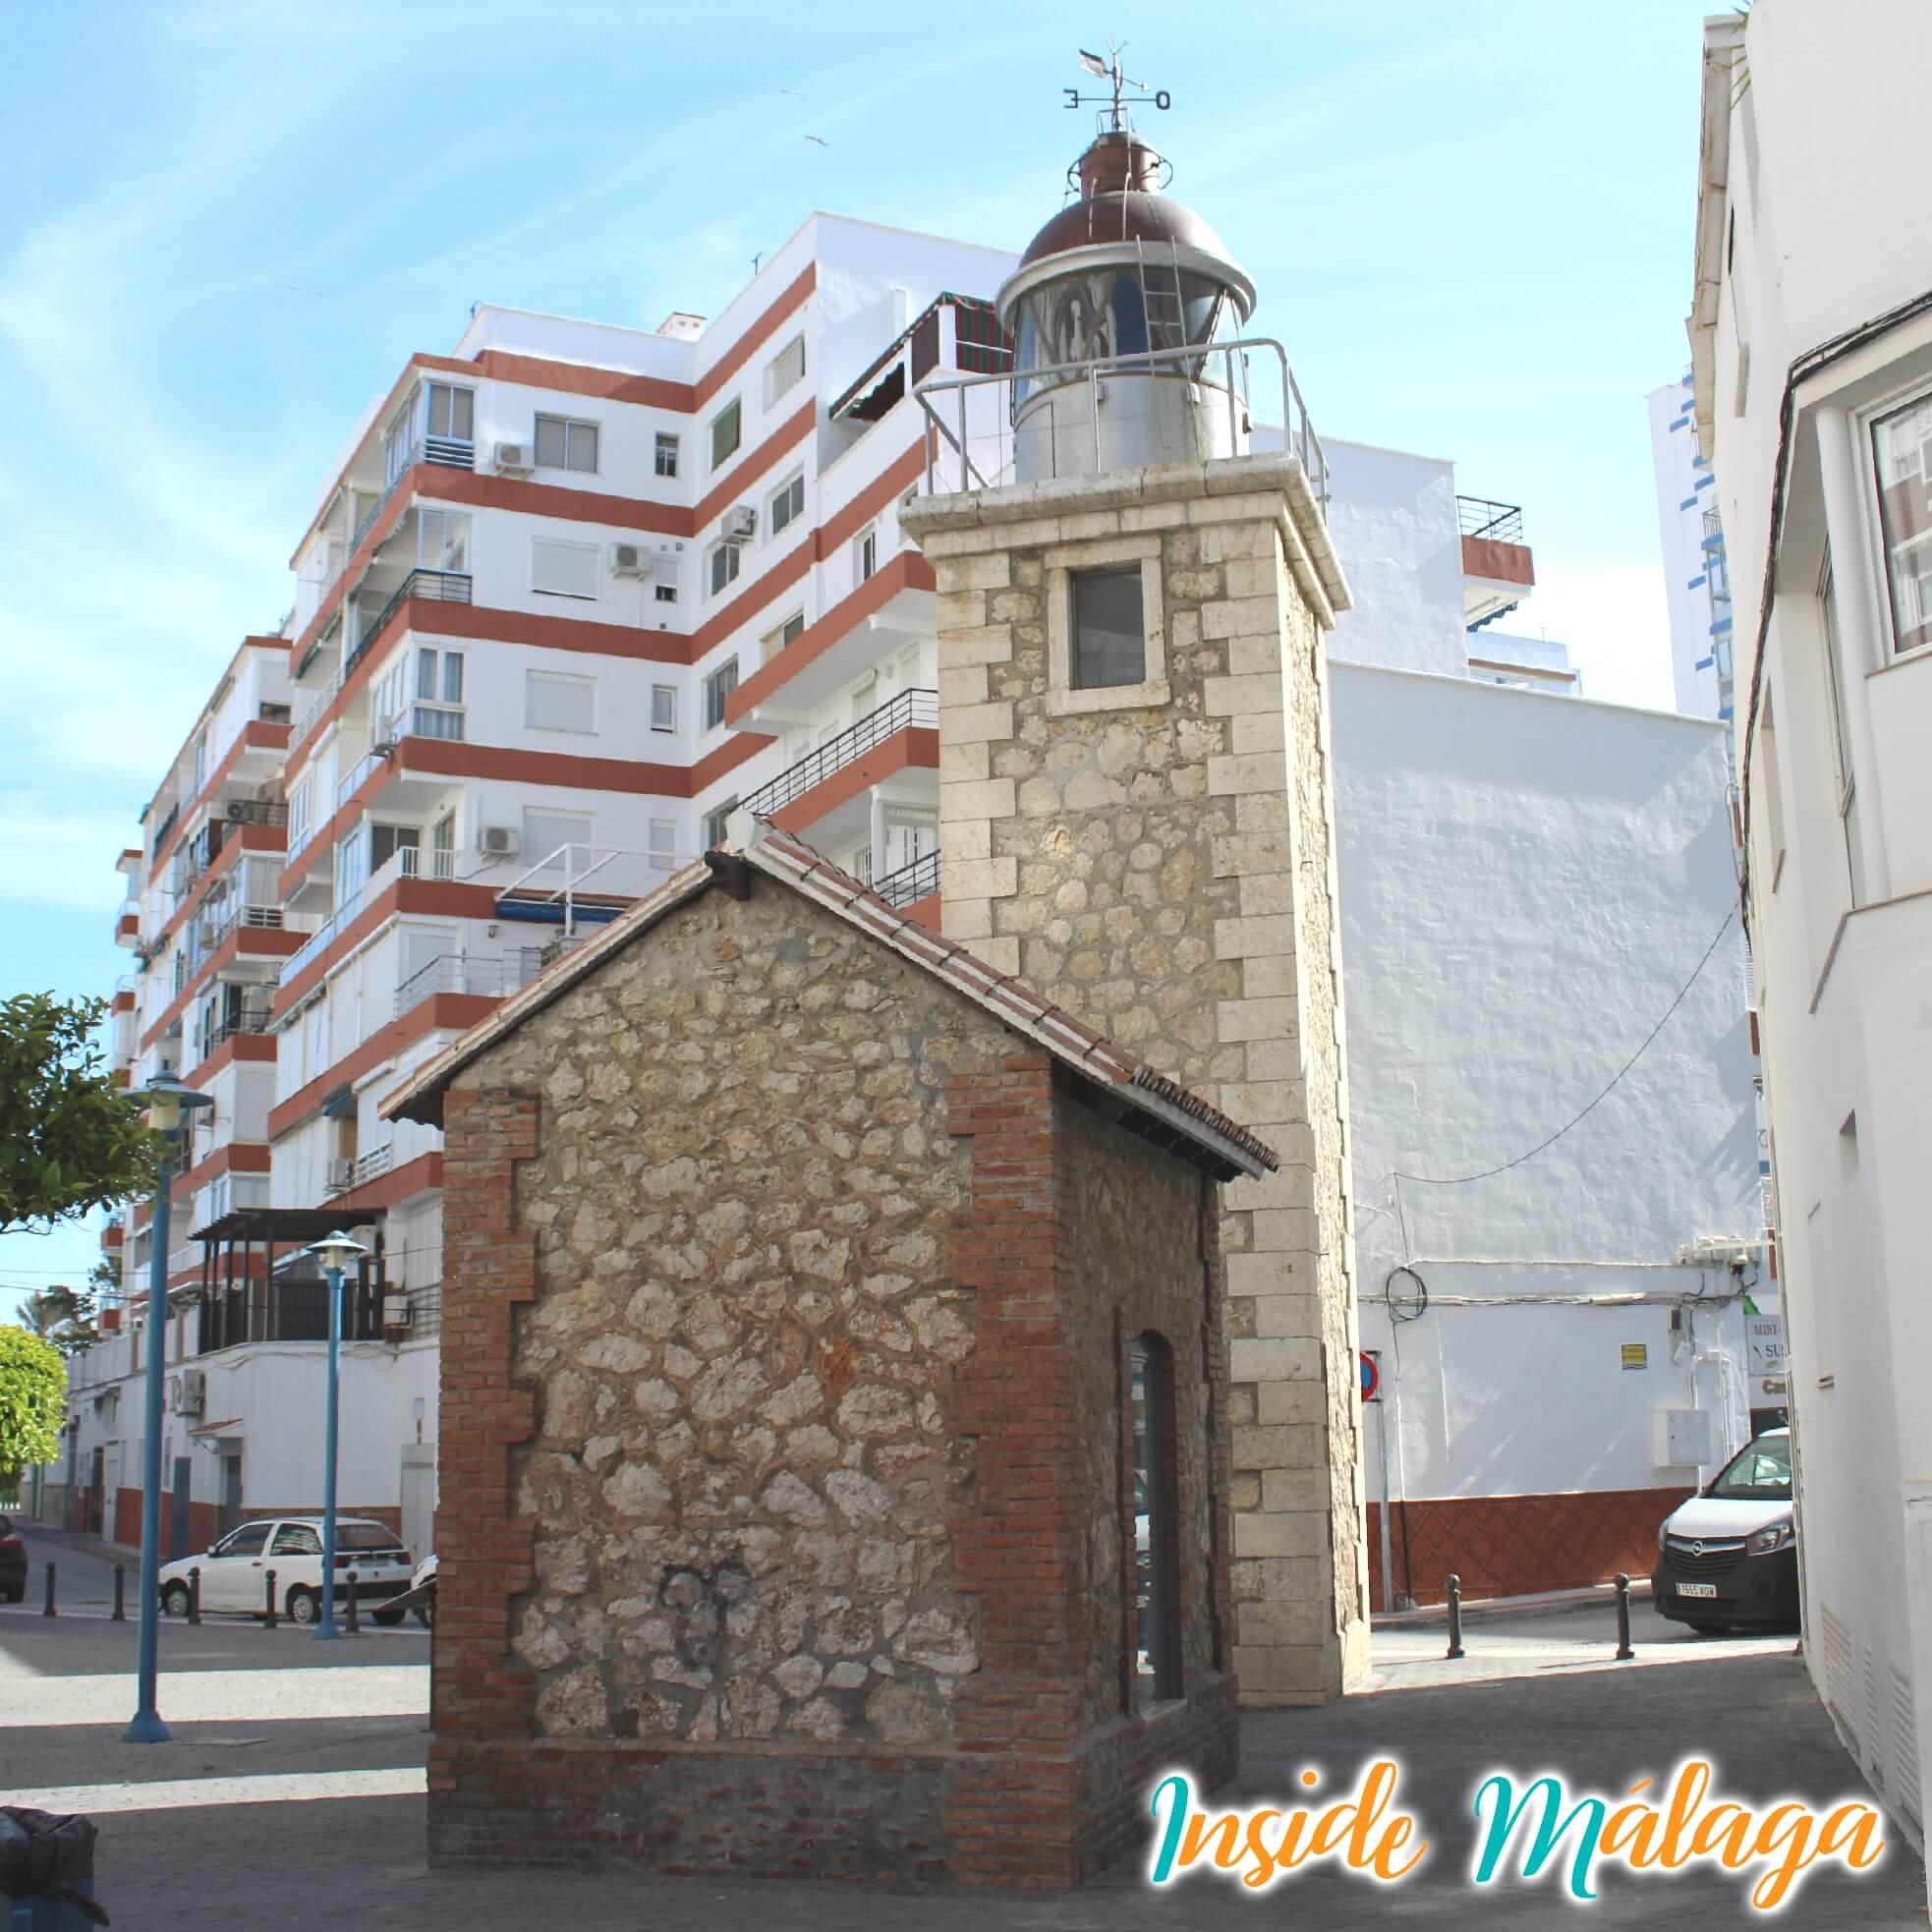 Vuurtoren Tore Tore Torre del Mar Velez Malaga